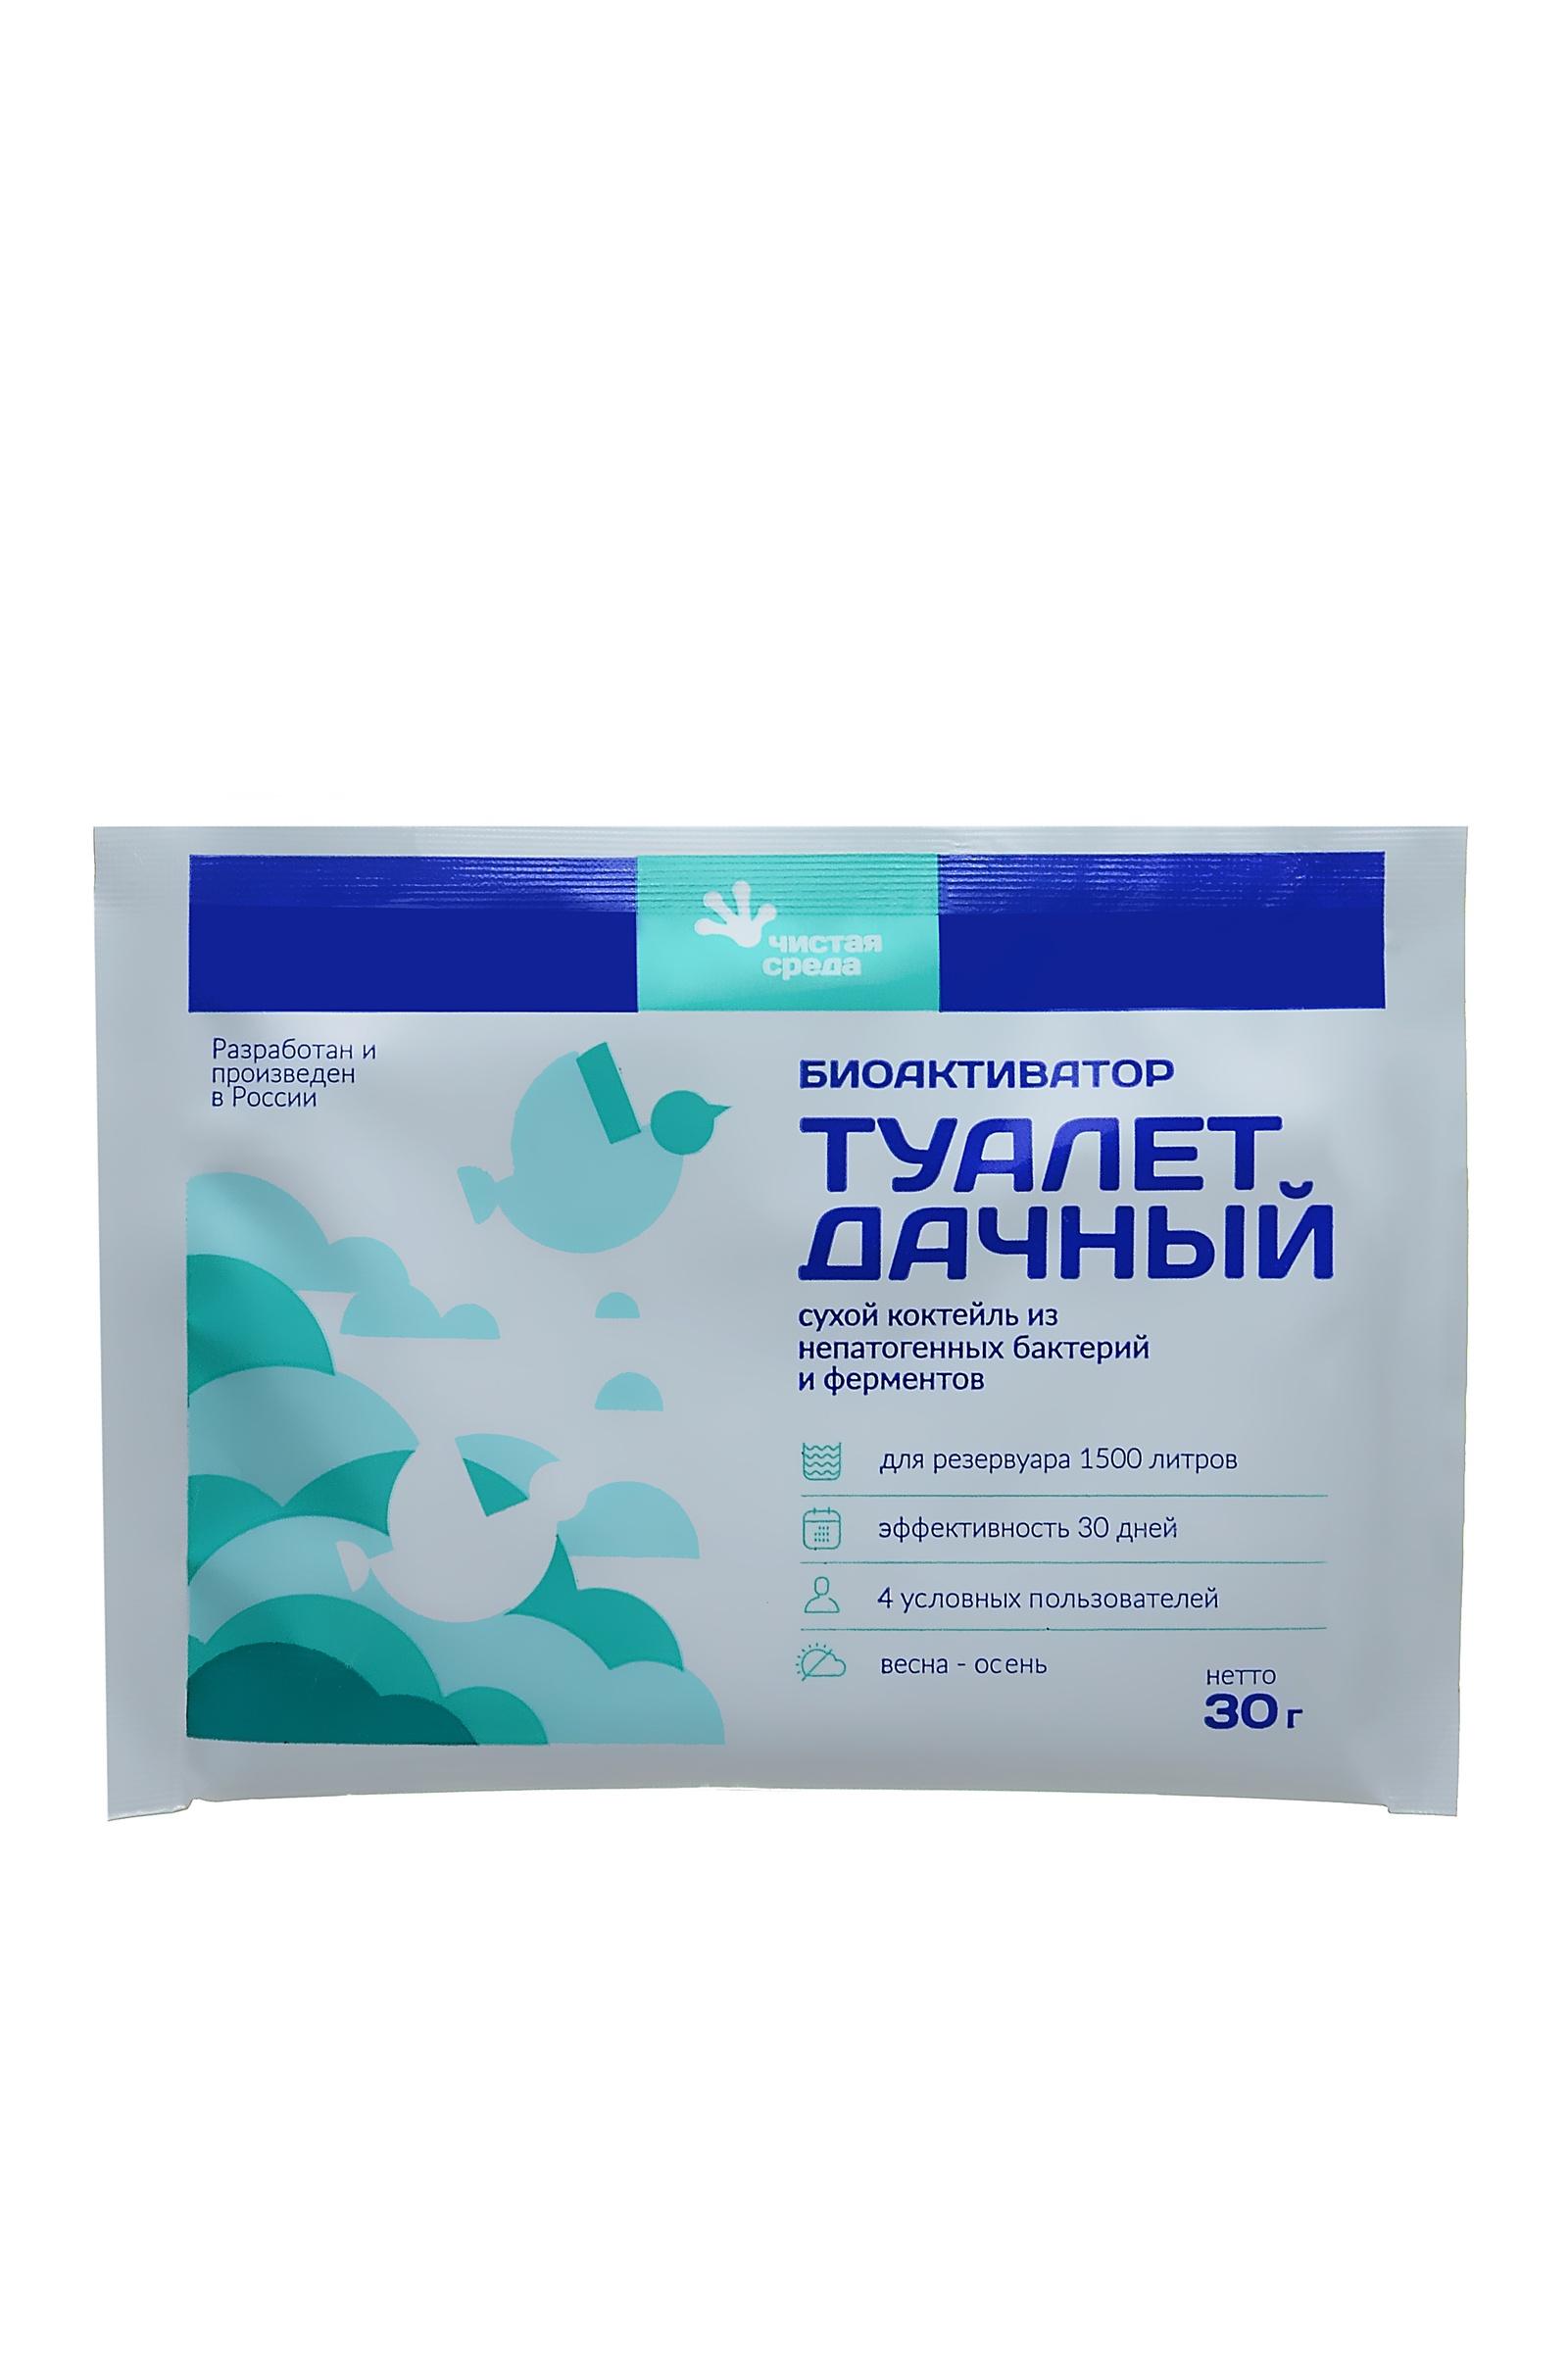 Биоактиватор Чистая среда для дачных туалетов и выгребных ям, 30гр.